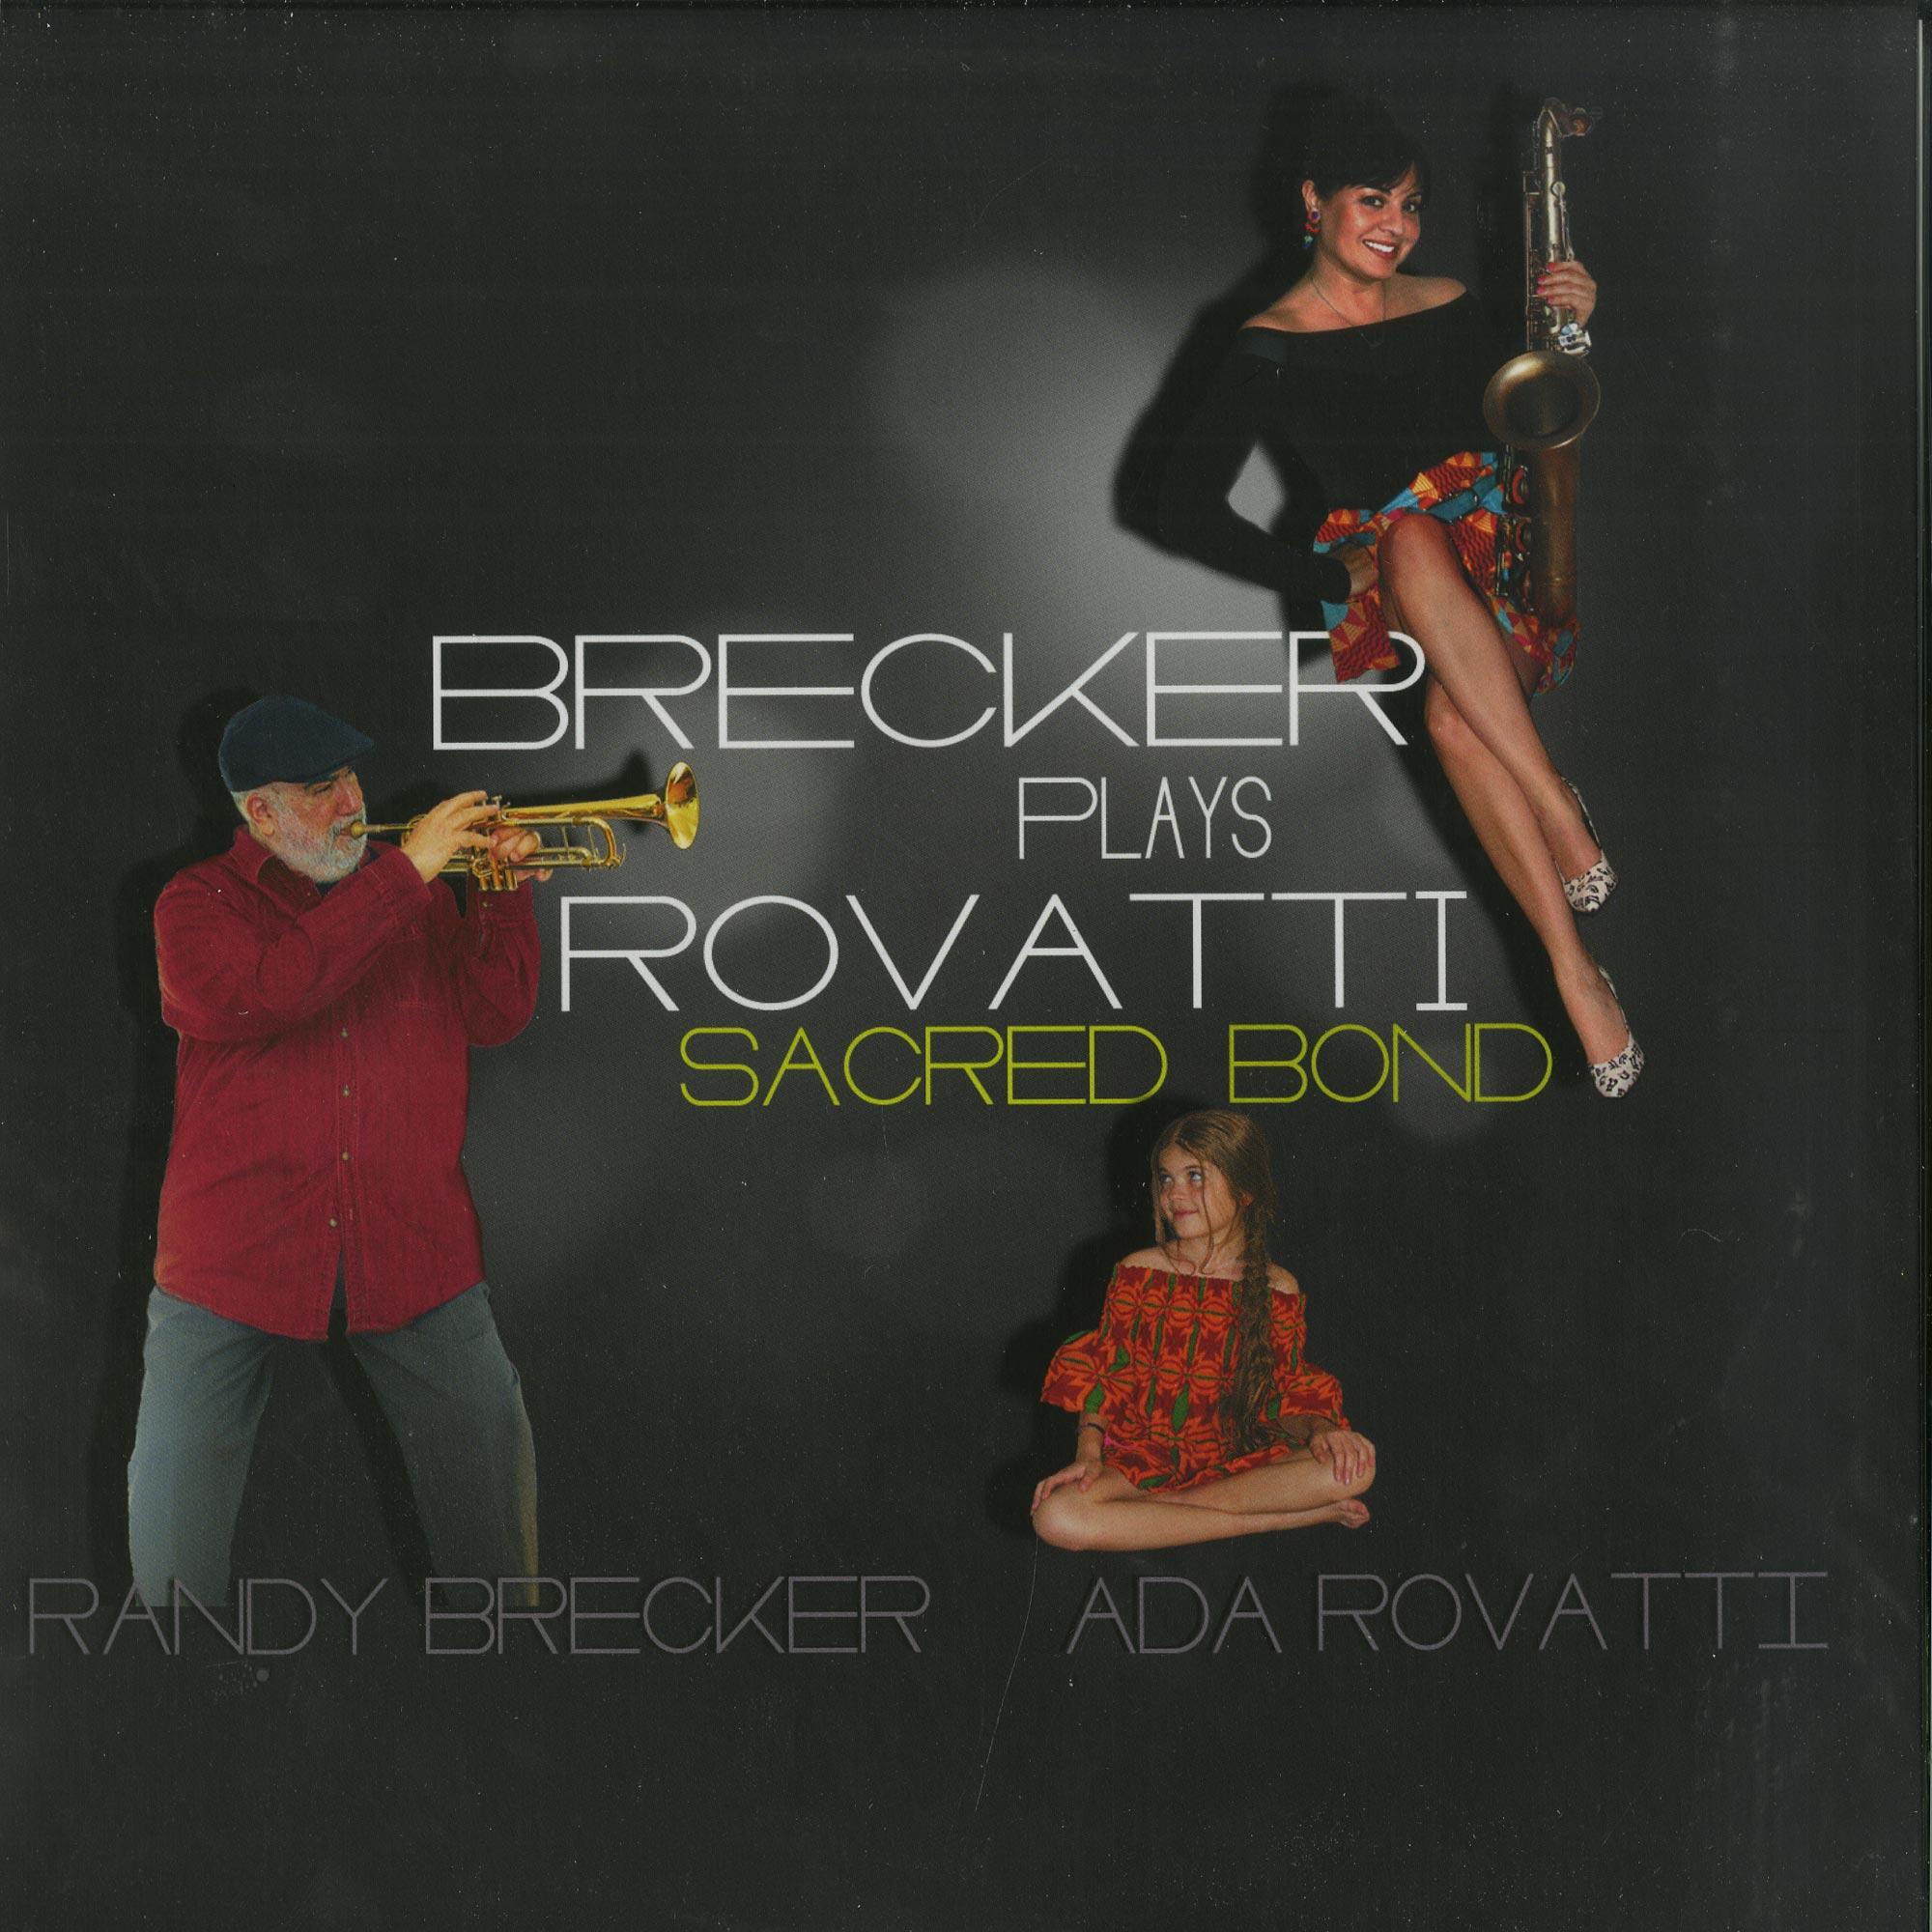 Randy Brecker & Ada Rovatti - BRECKER PLAYS ROVATTI - A SACRED BOND